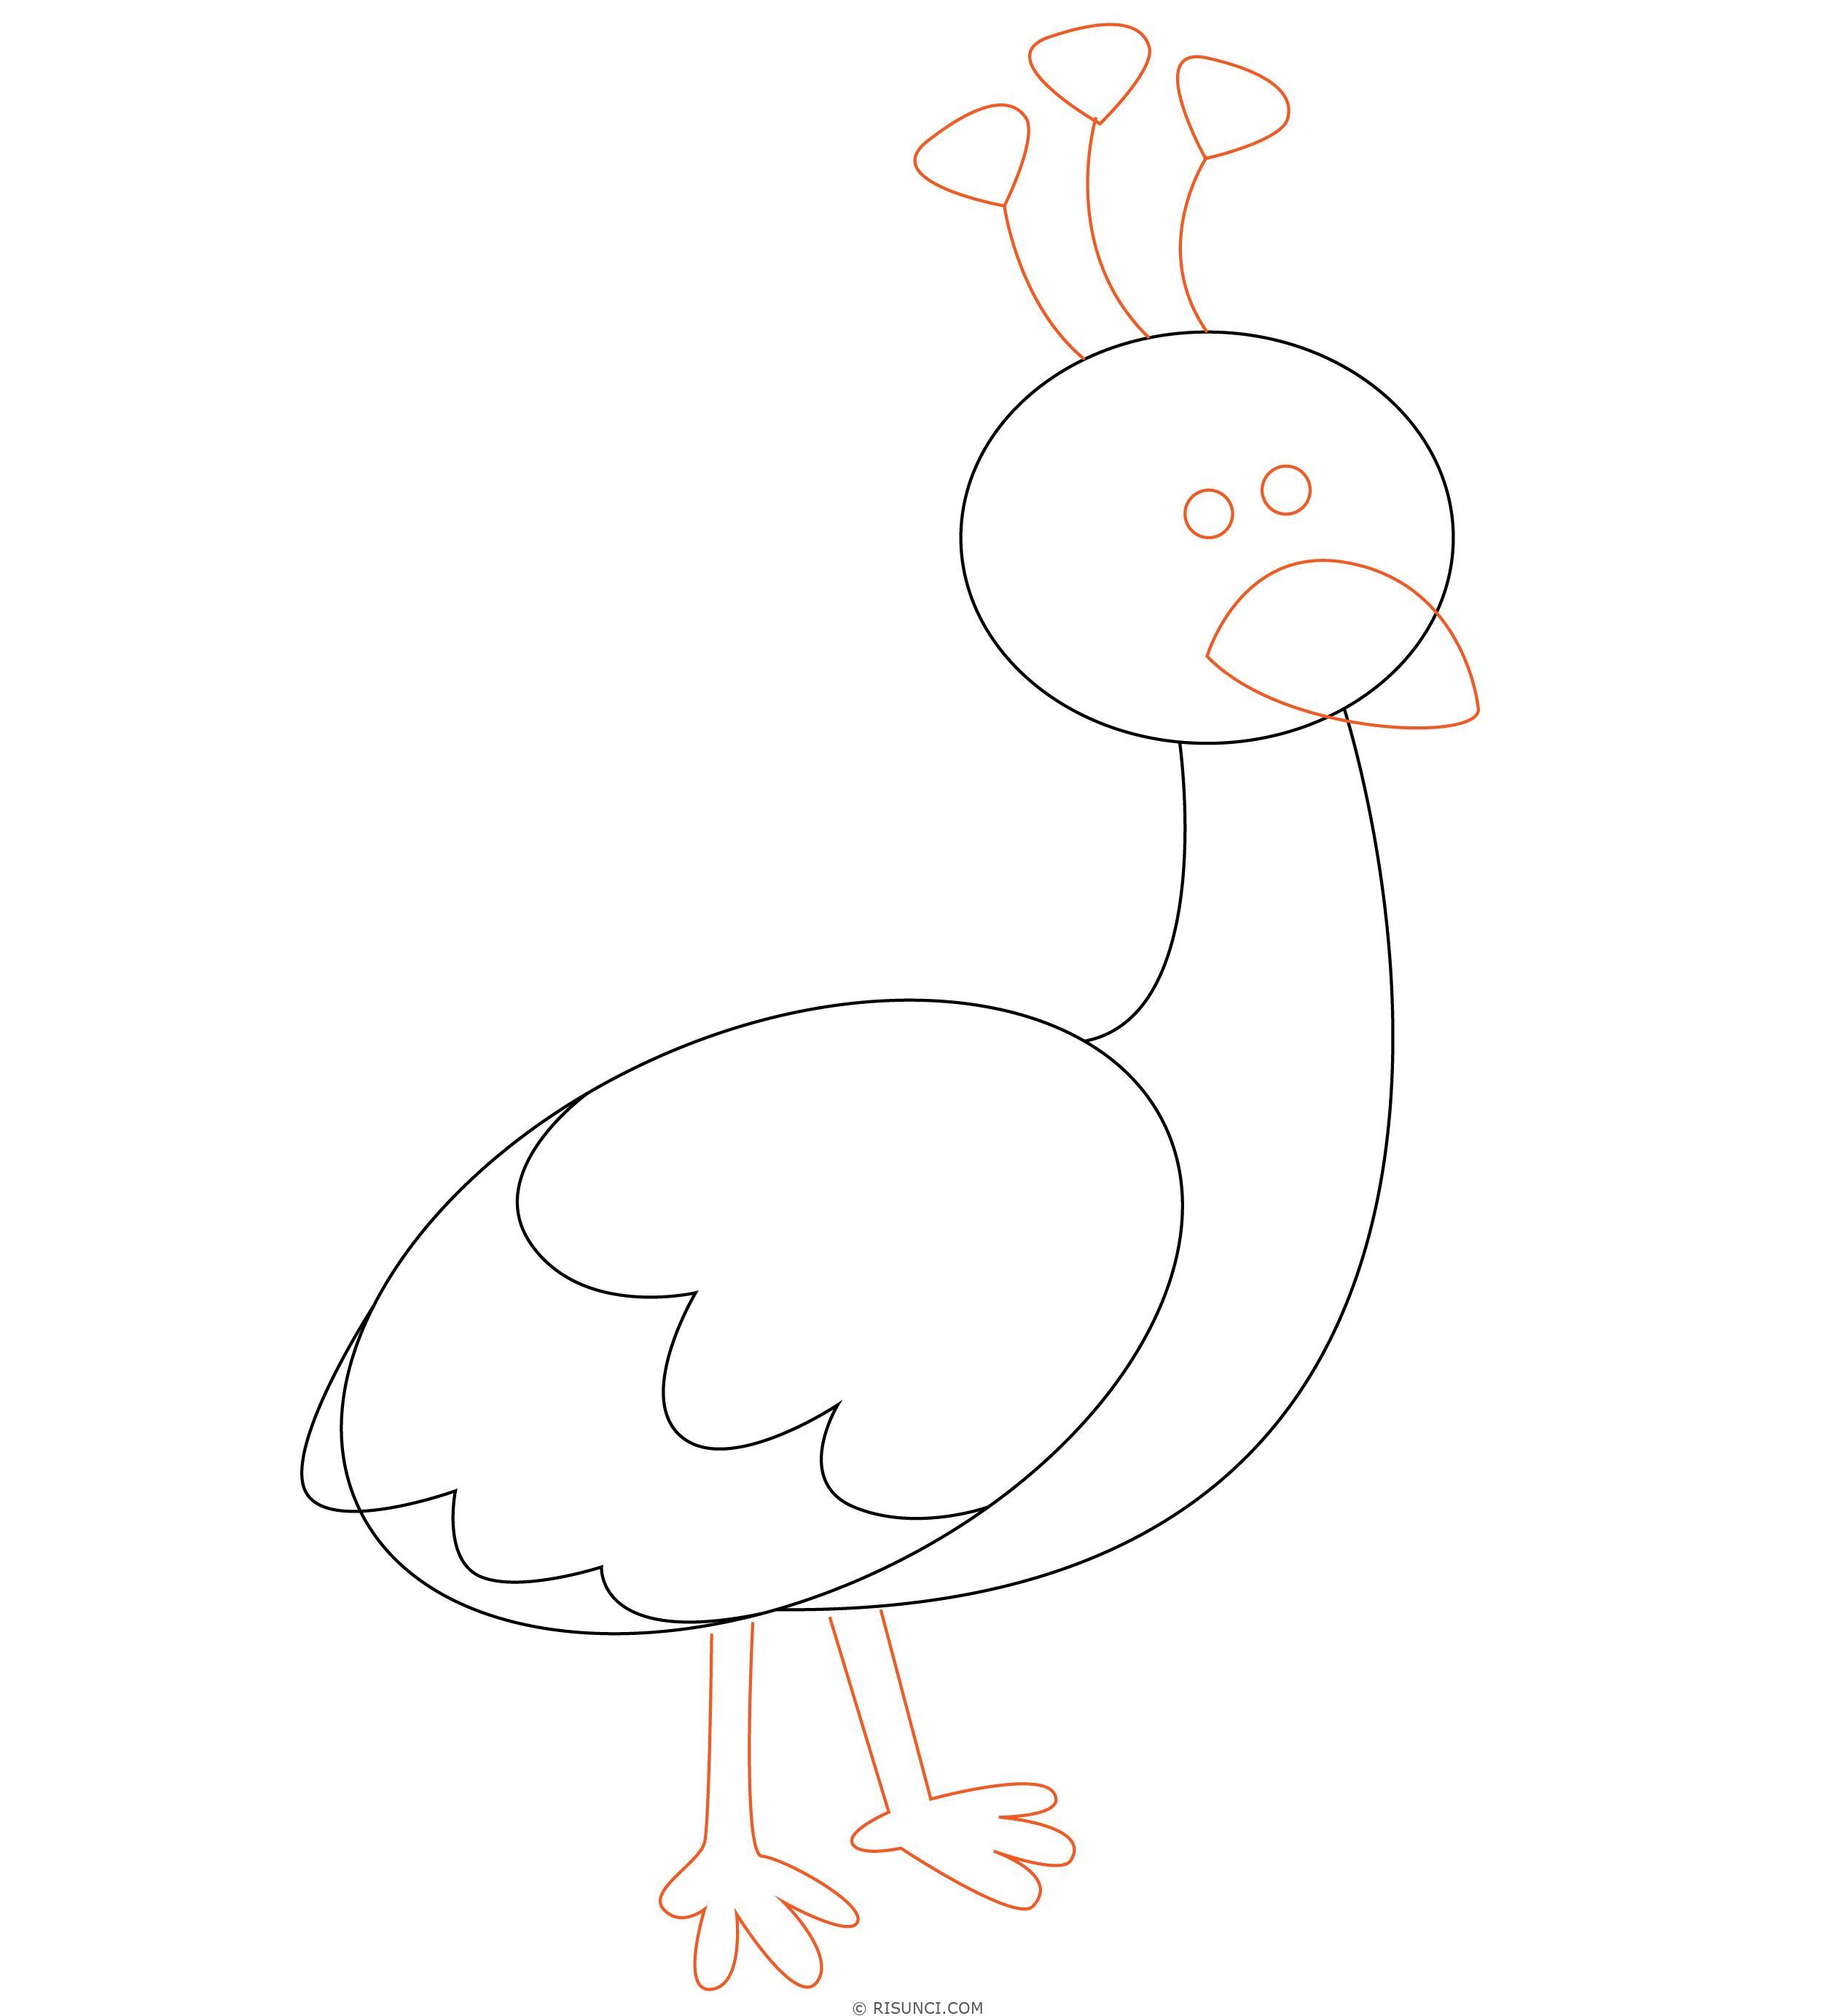 рисунок павлина без хвоста голубей есть